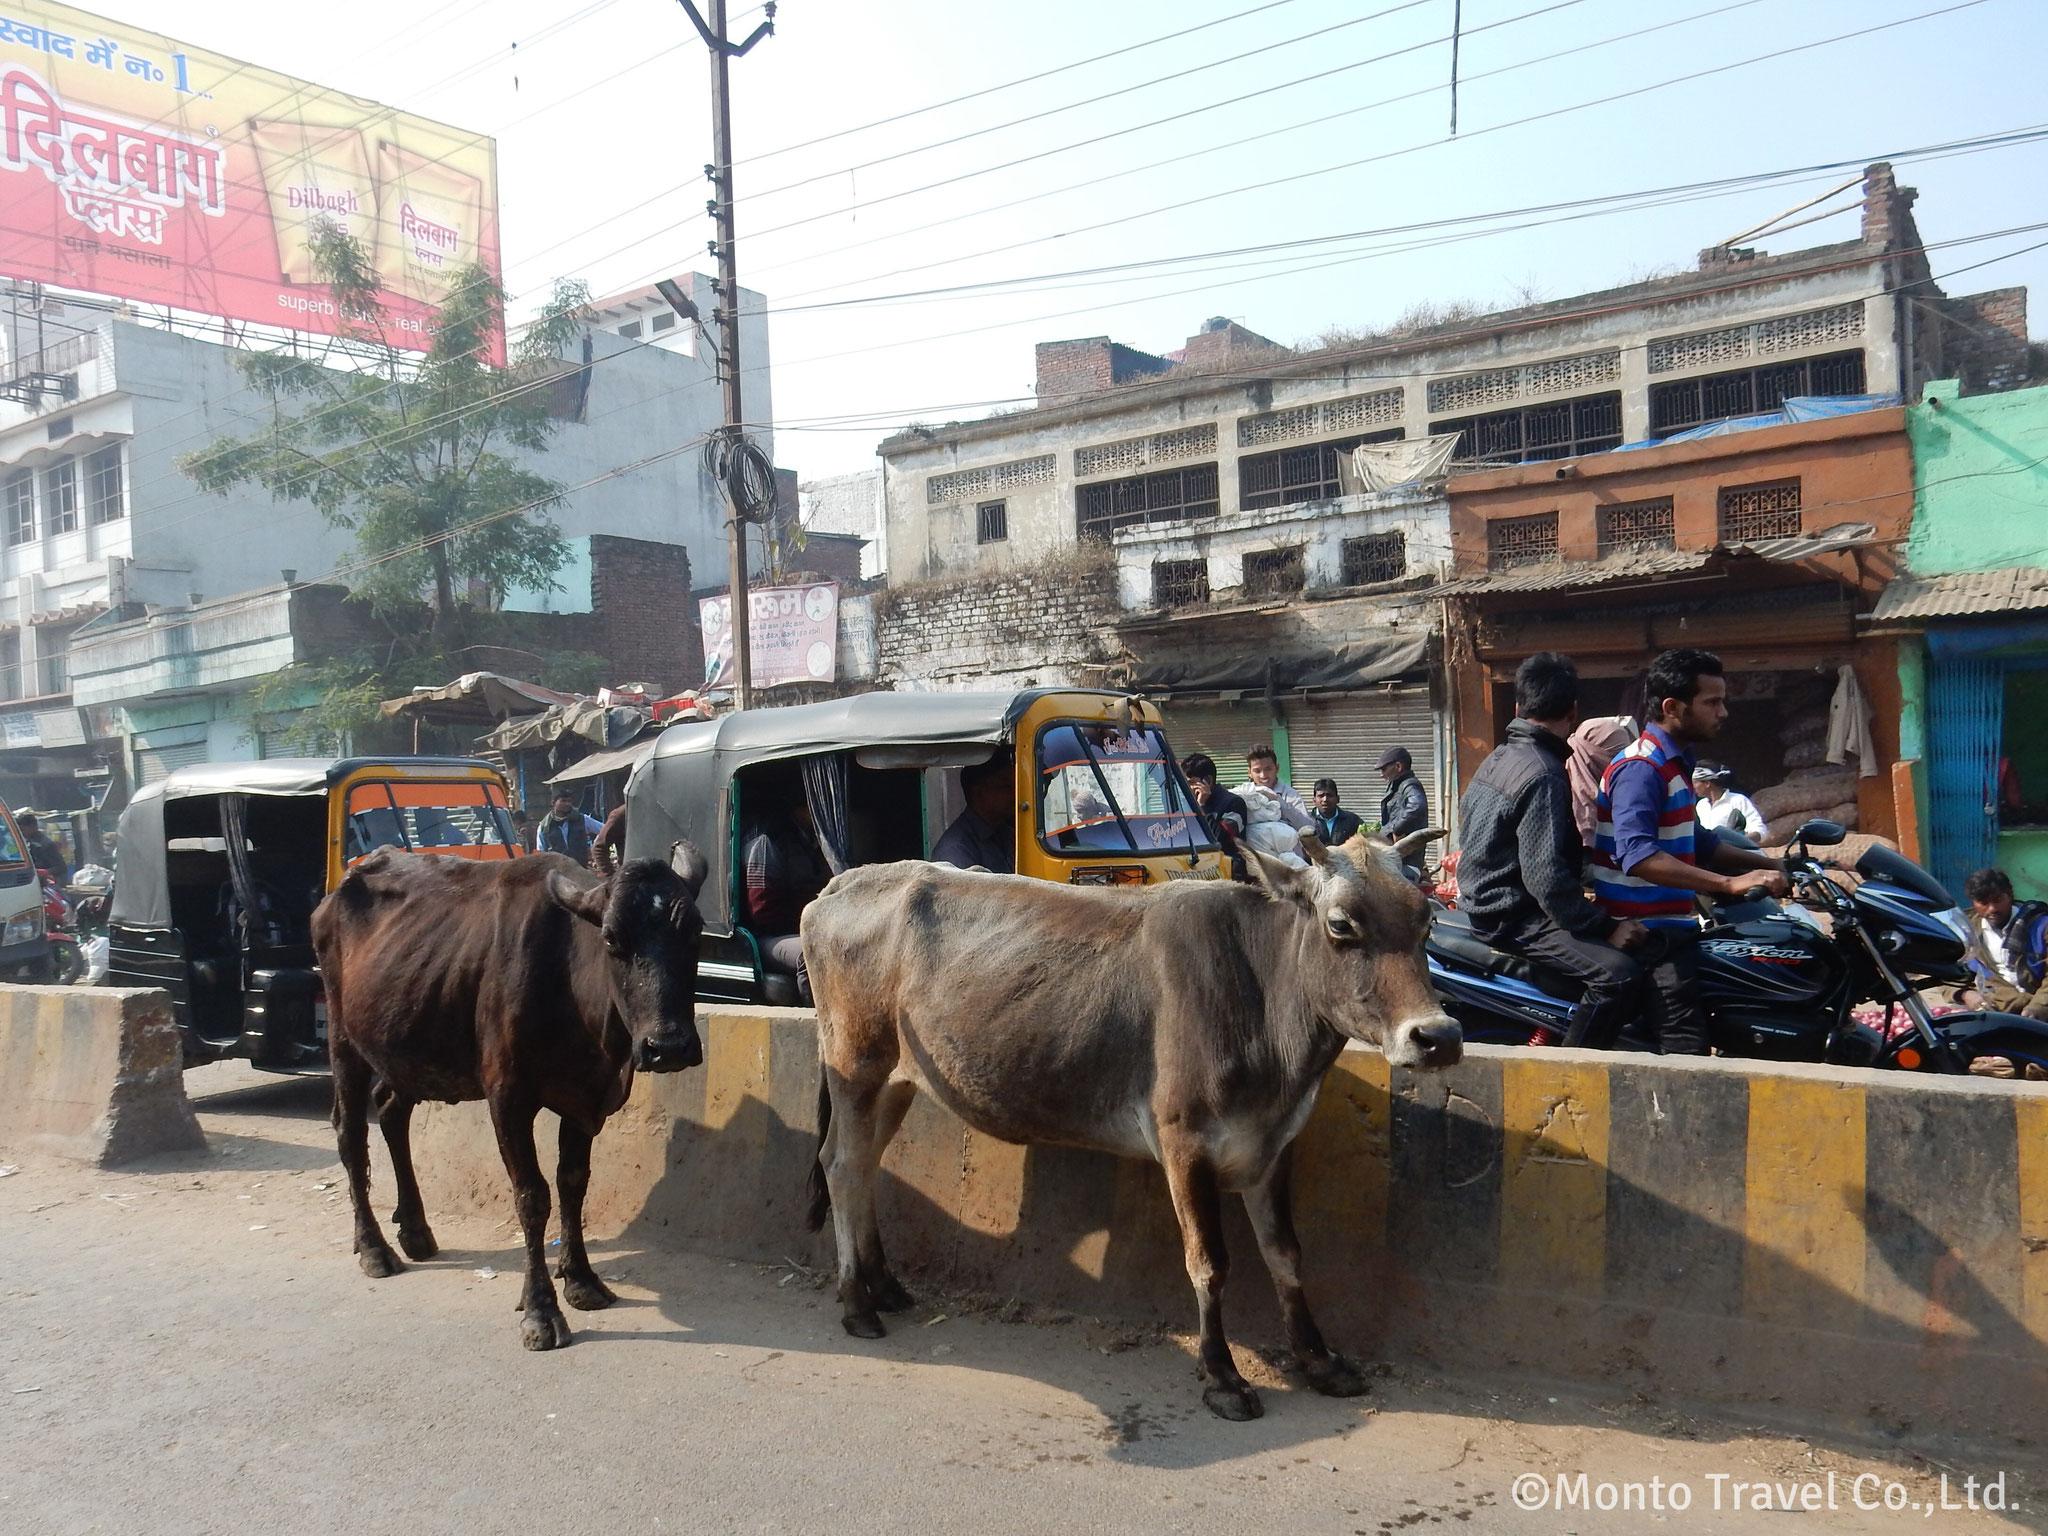 牛が悠然と歩く街角の風景